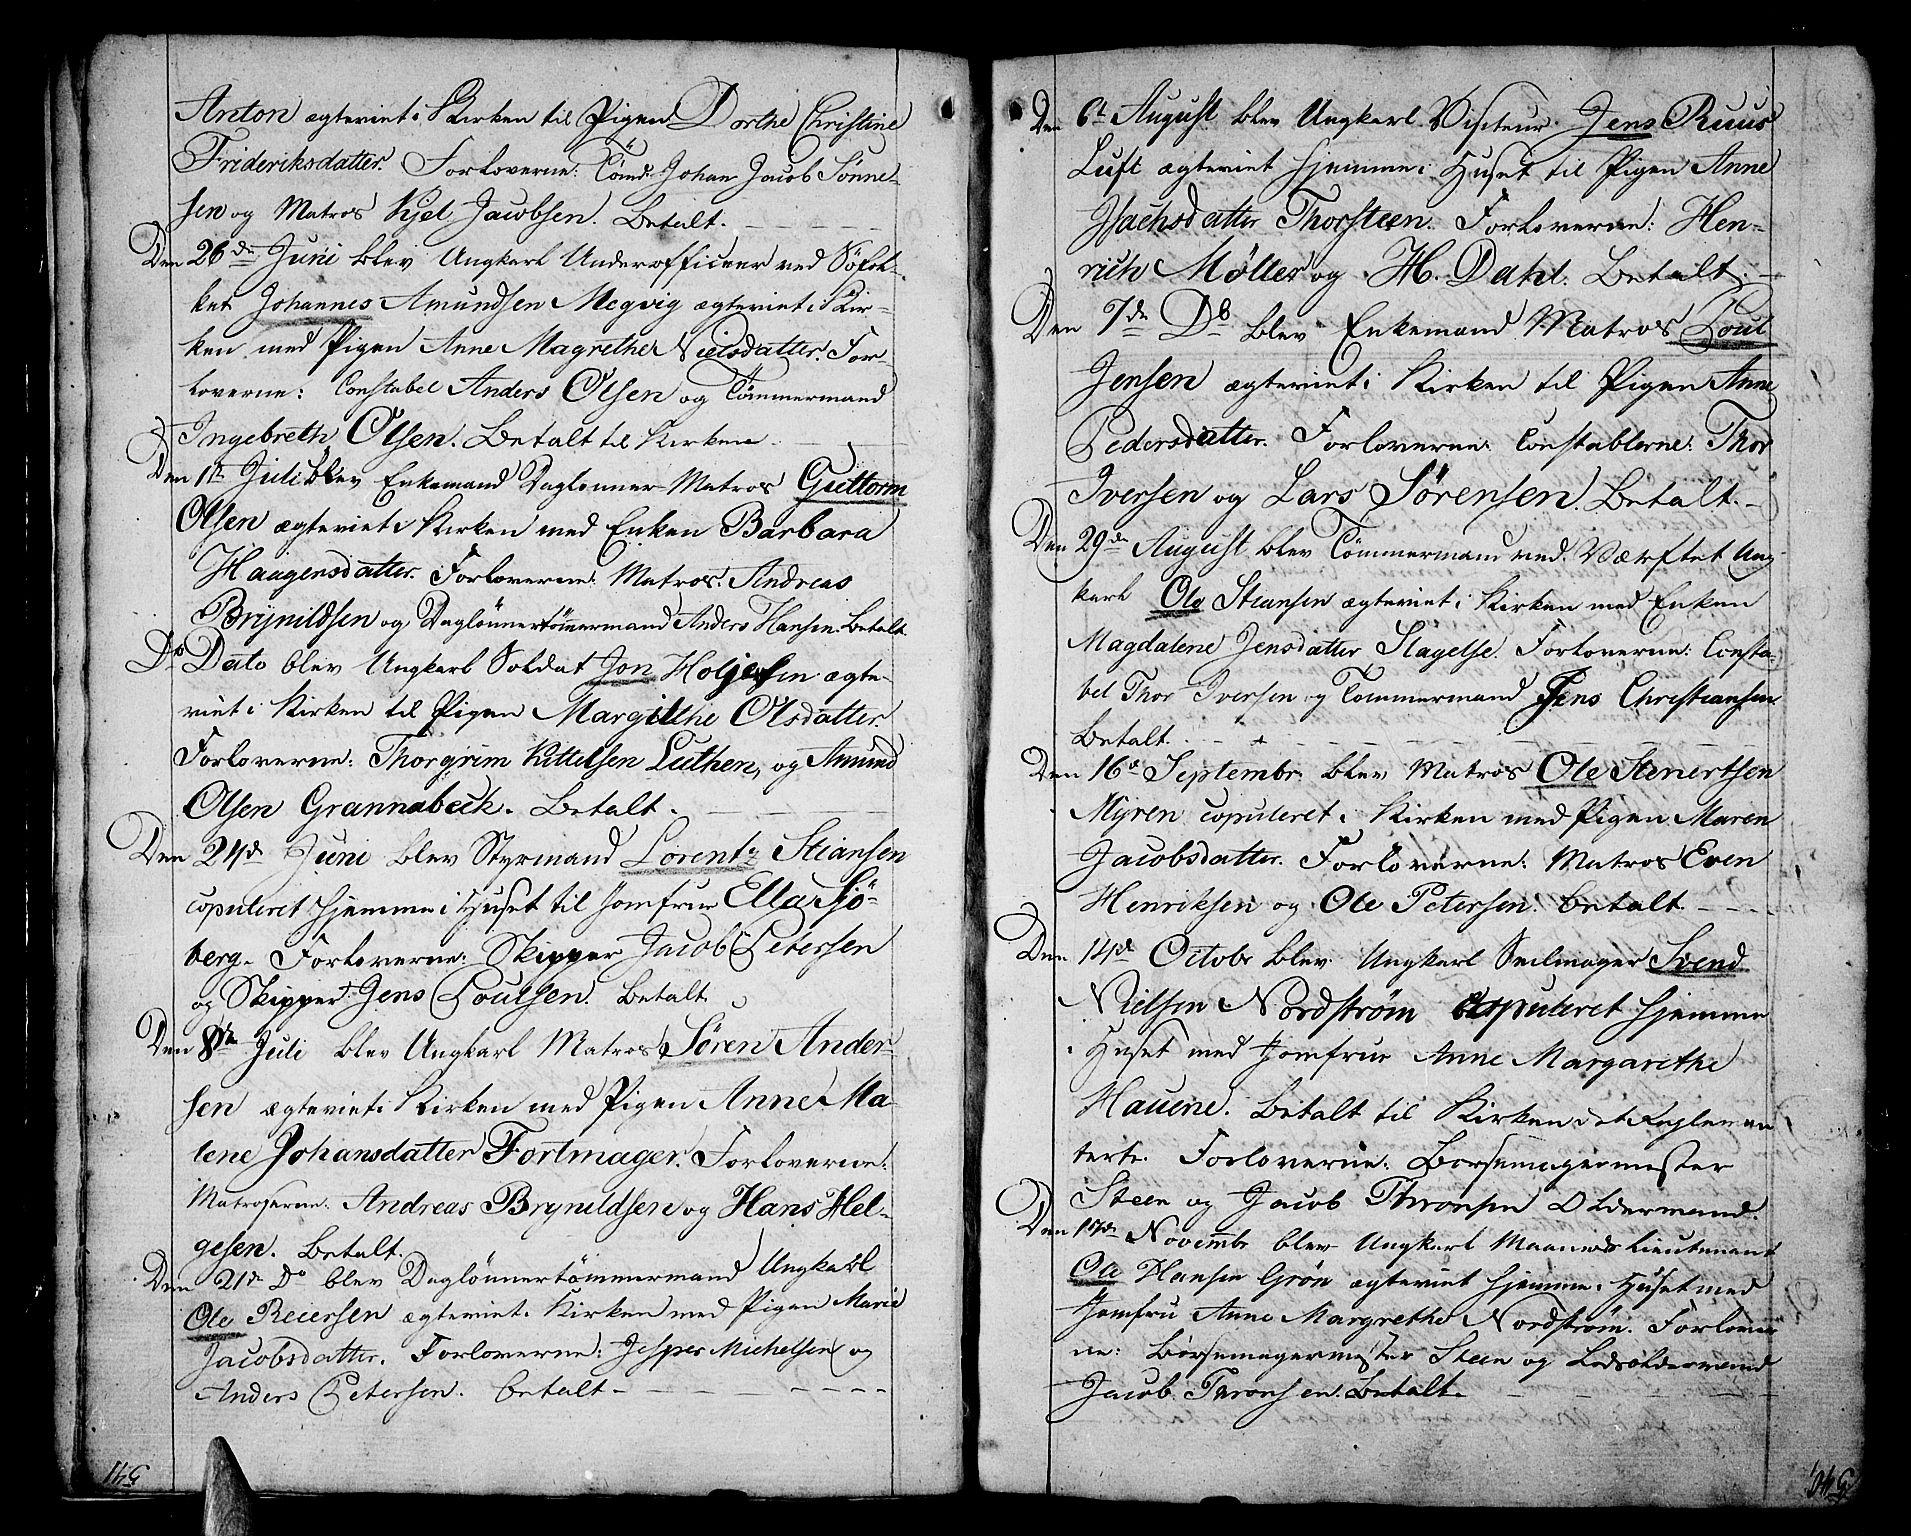 SAKO, Stavern kirkebøker, F/Fa/L0004: Ministerialbok nr. 4, 1809-1816, s. 540-541